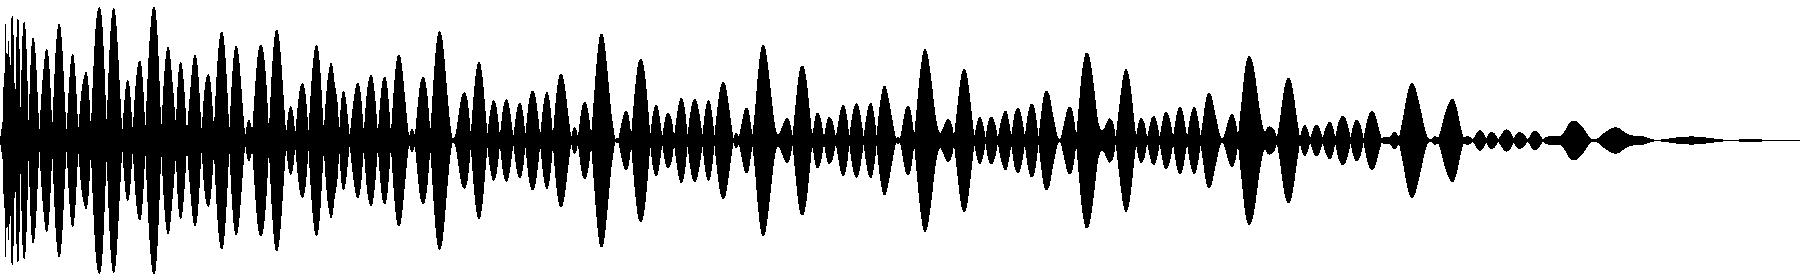 vedh bass cut 027 a